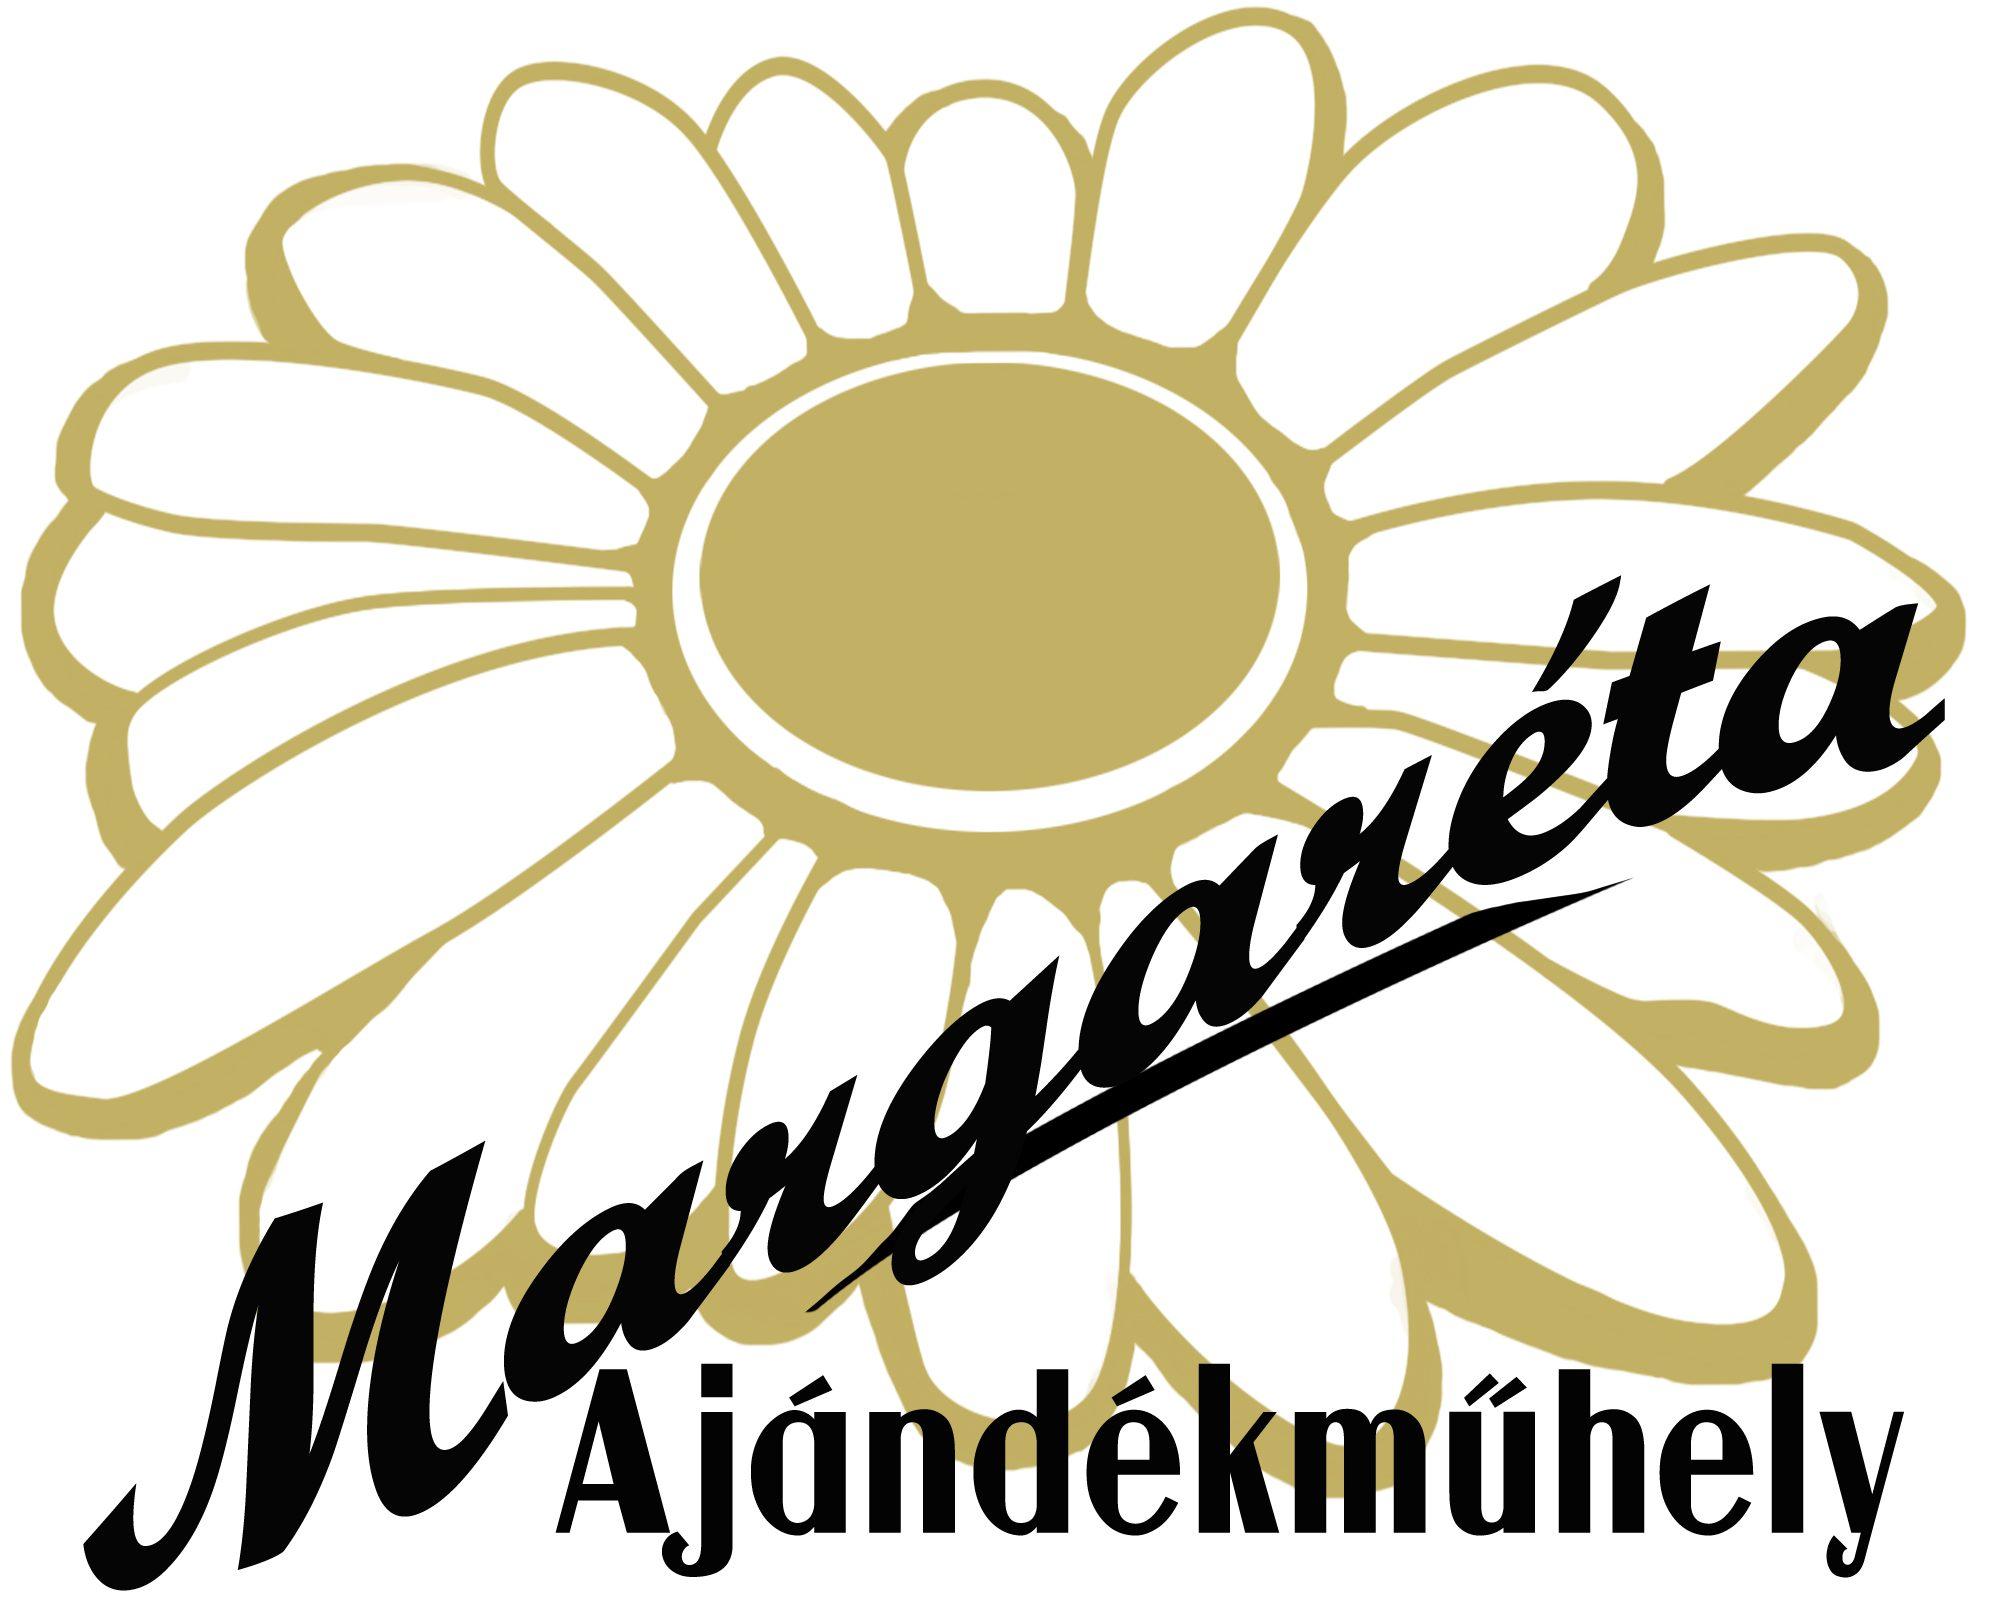 Margaréta Ajándékműhely